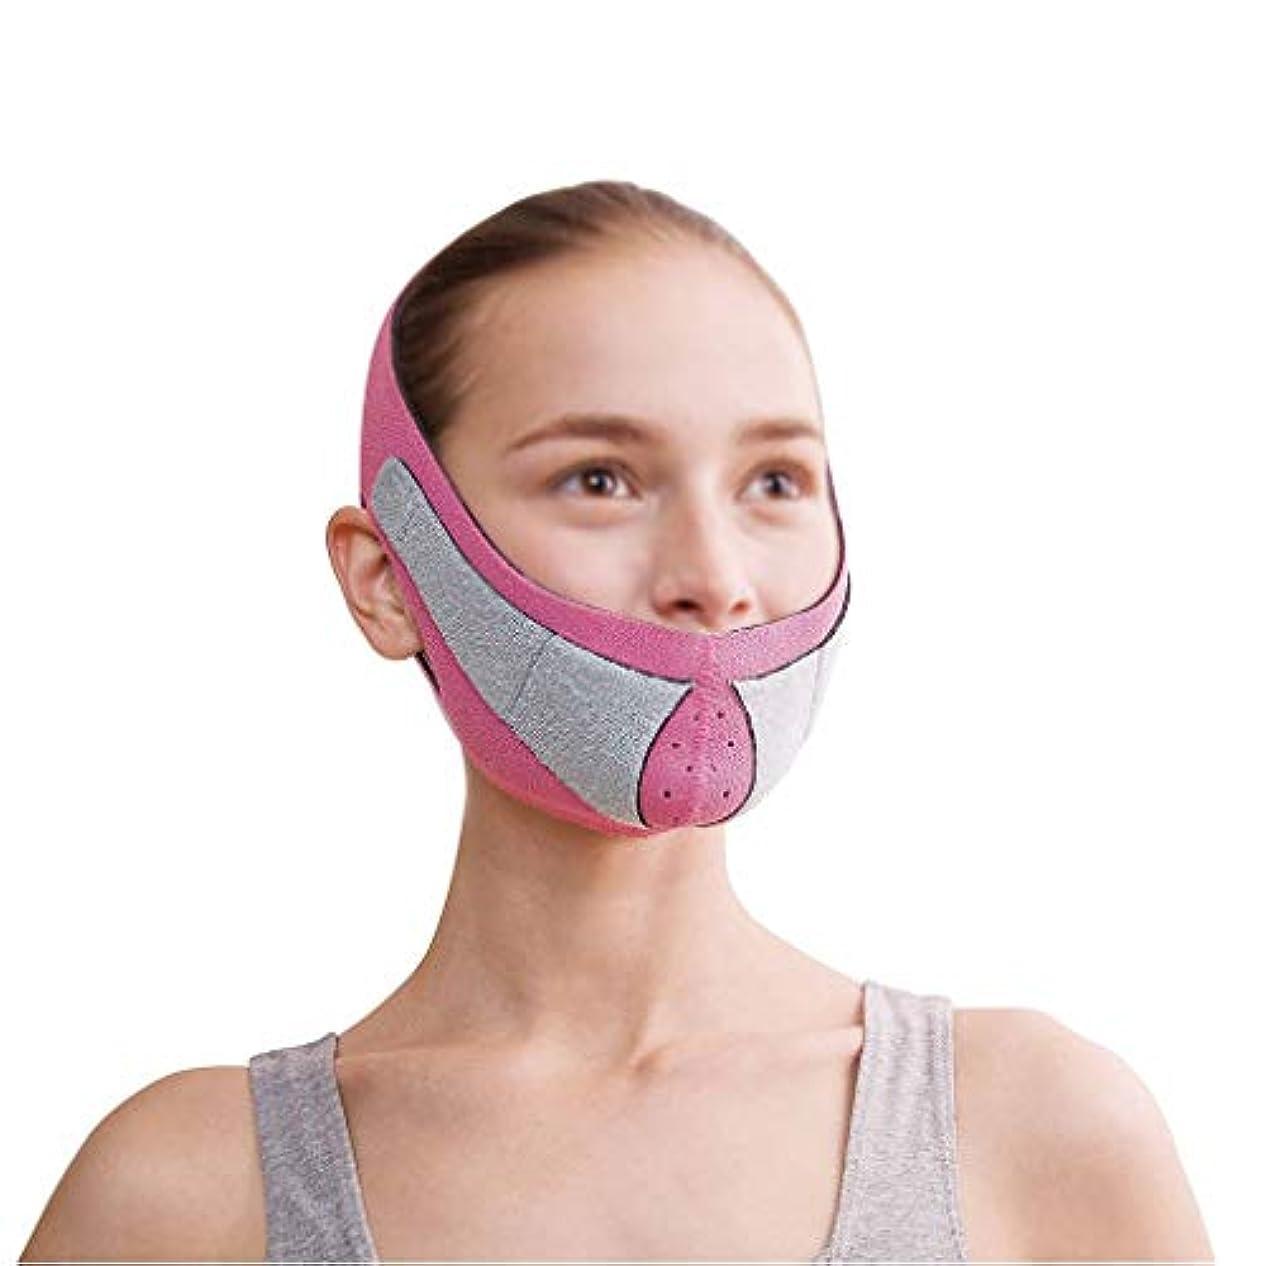 ブランド名解体するオークションTLMY 薄いフェイスマスク引き締め肌引き締まり防止垂れスペルマスク薄いあご包帯 顔用整形マスク